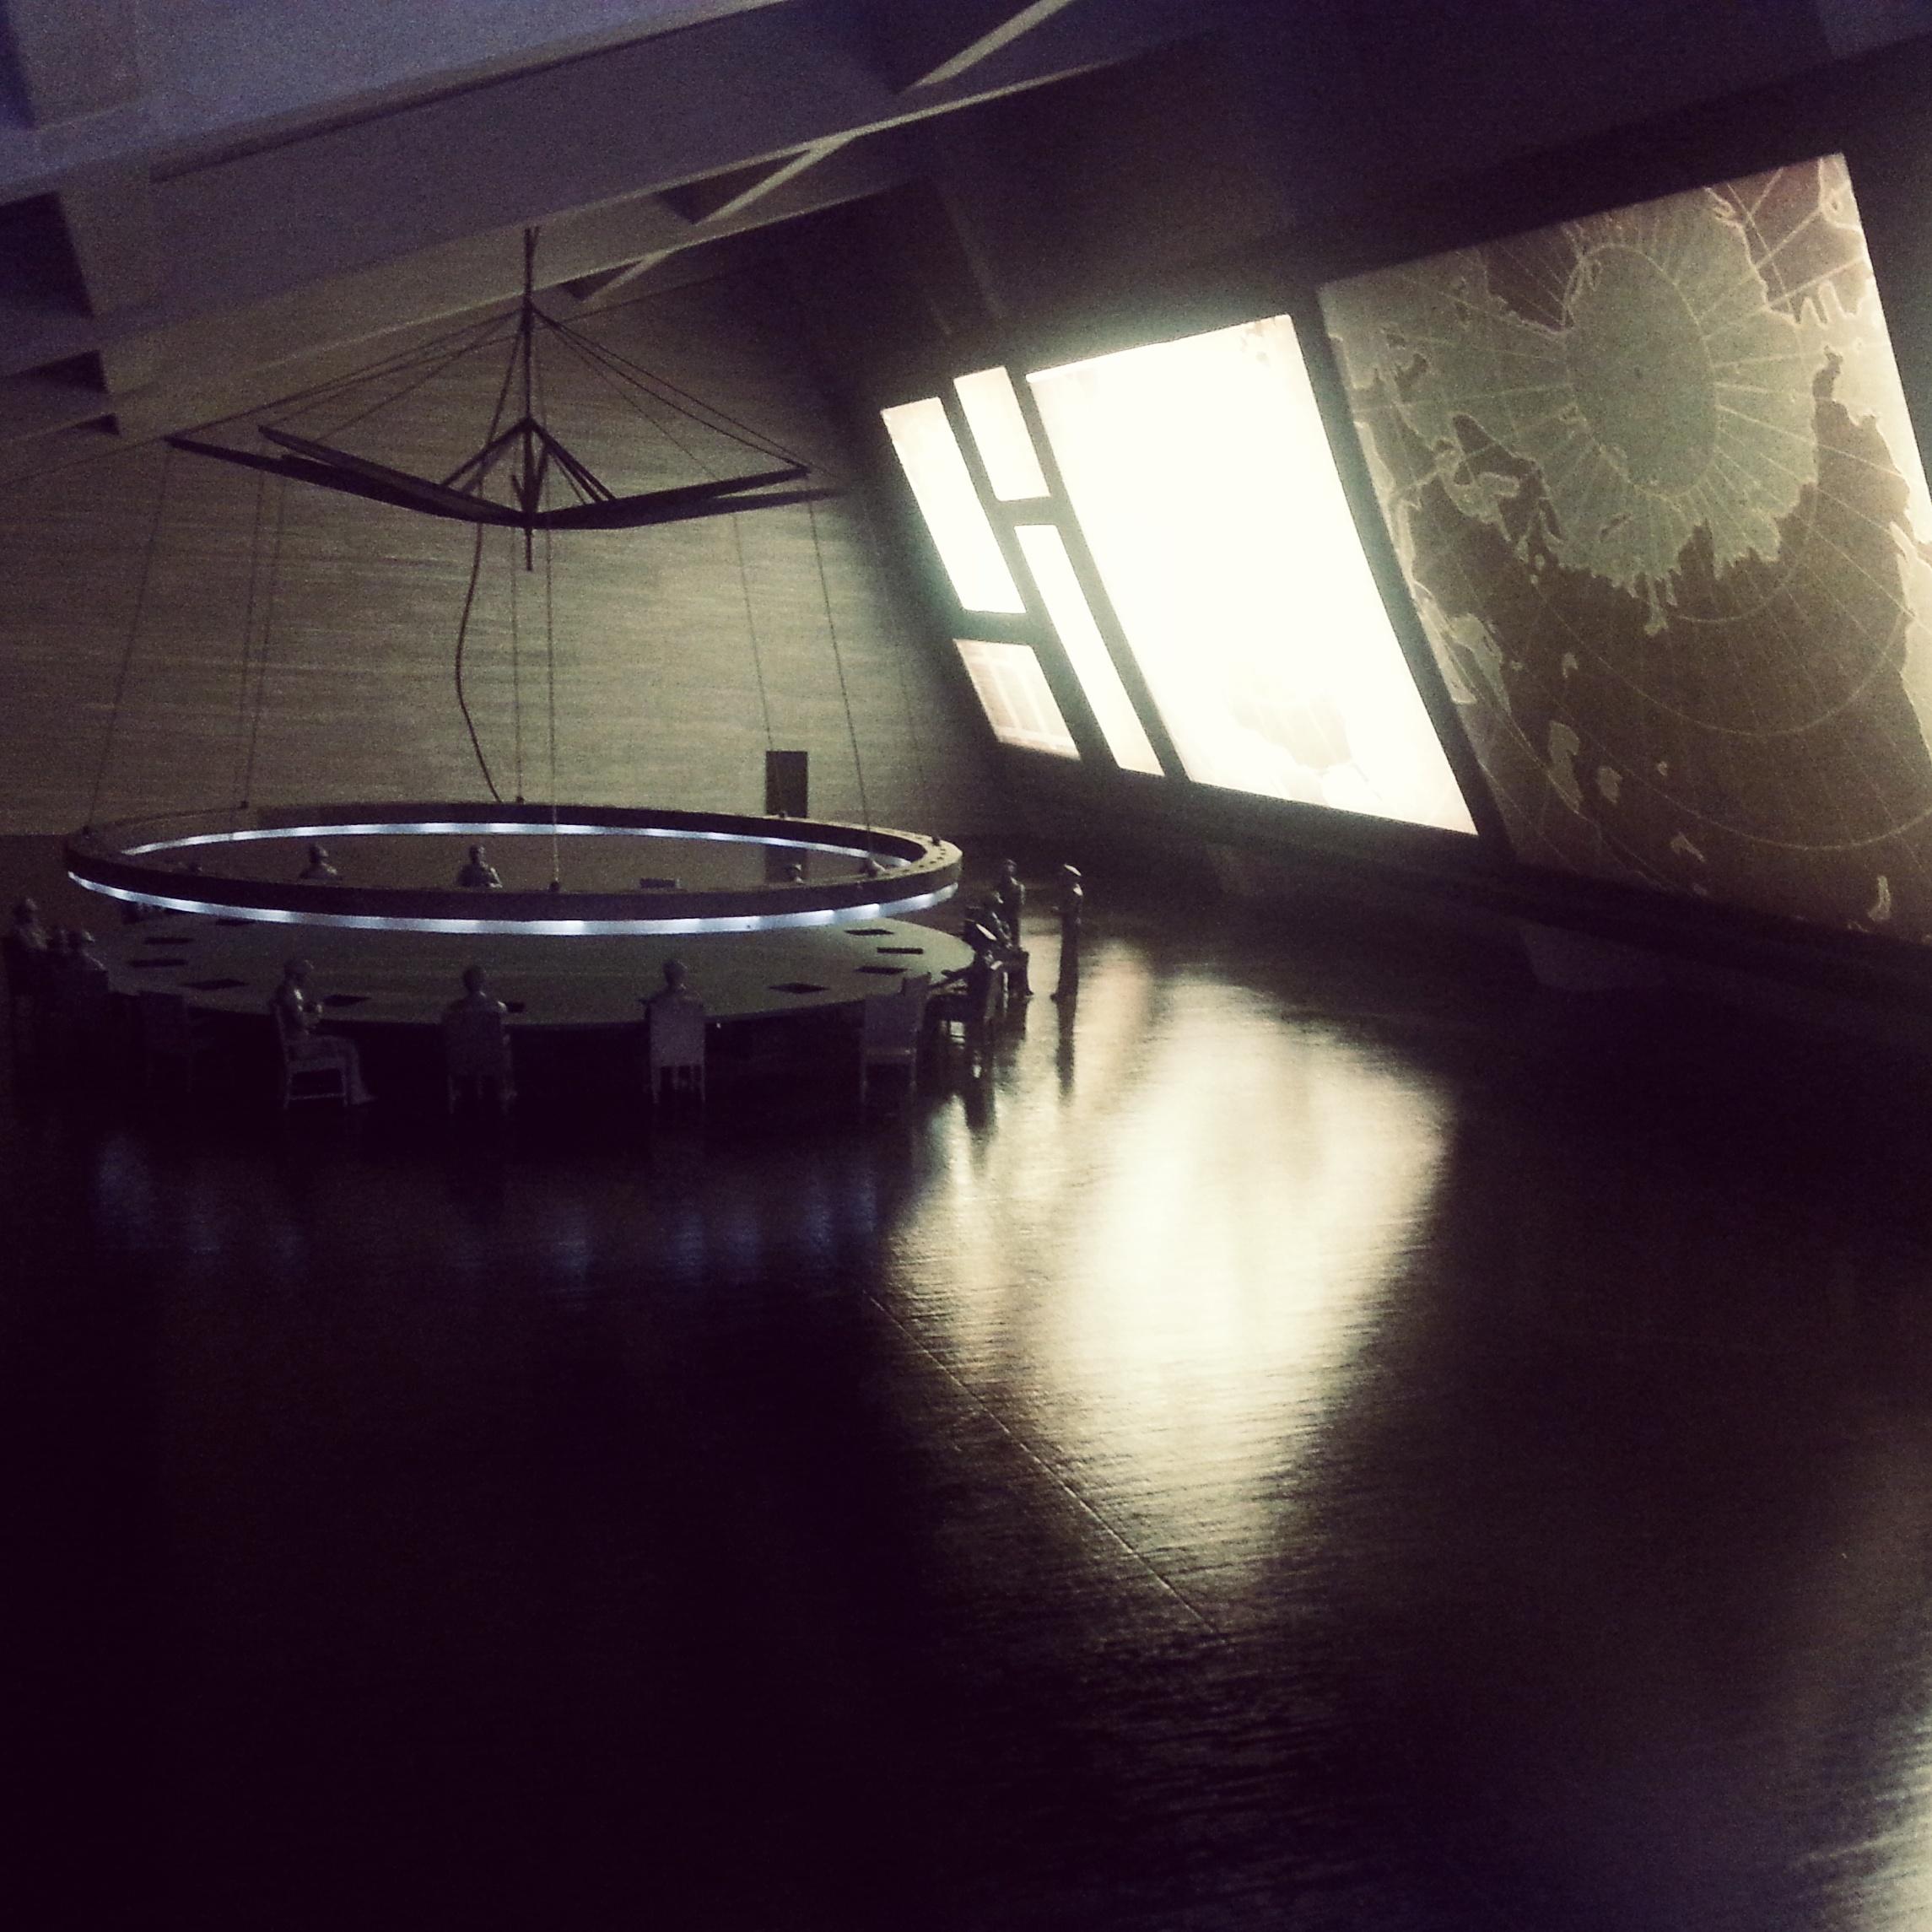 aminda-wood-kurick-war-room.jpg